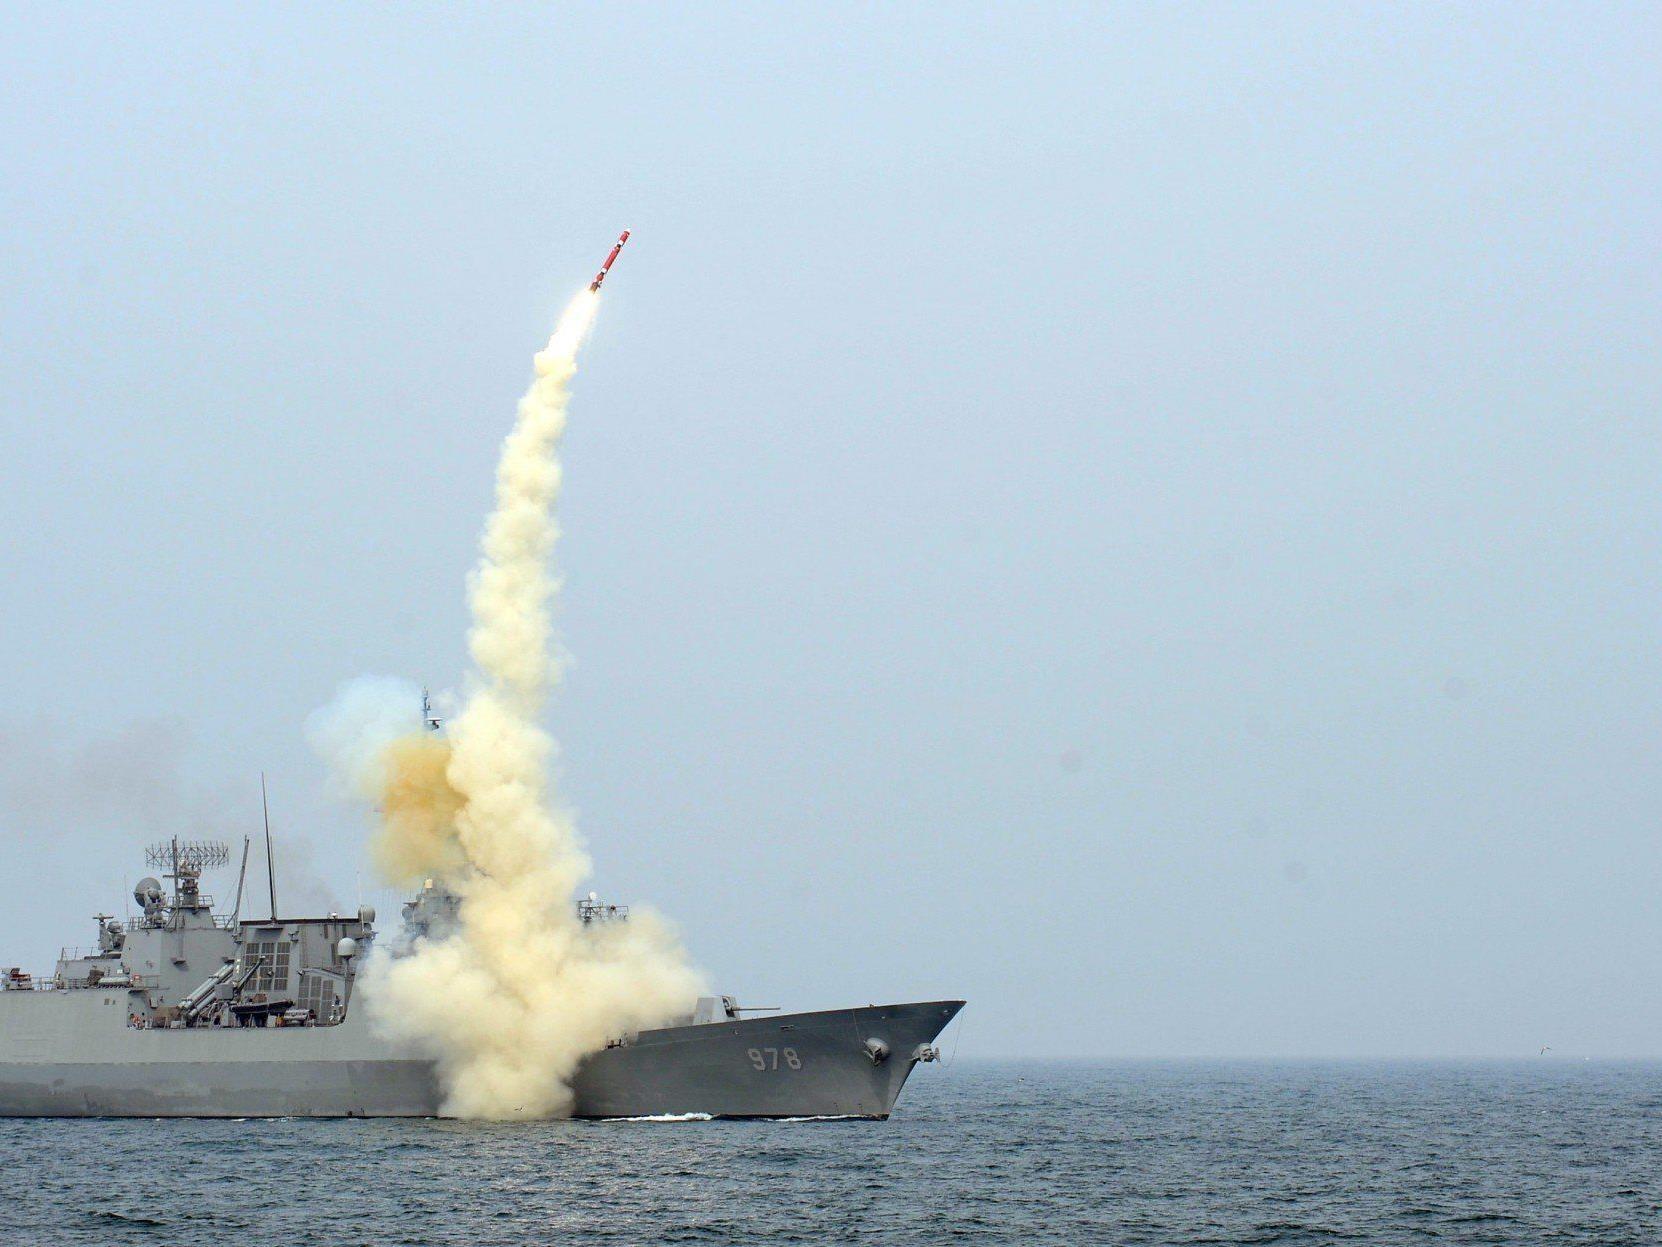 Ein südkoreanischer Zerstörer feuert während einer Übung eine Cruise Missile ab.